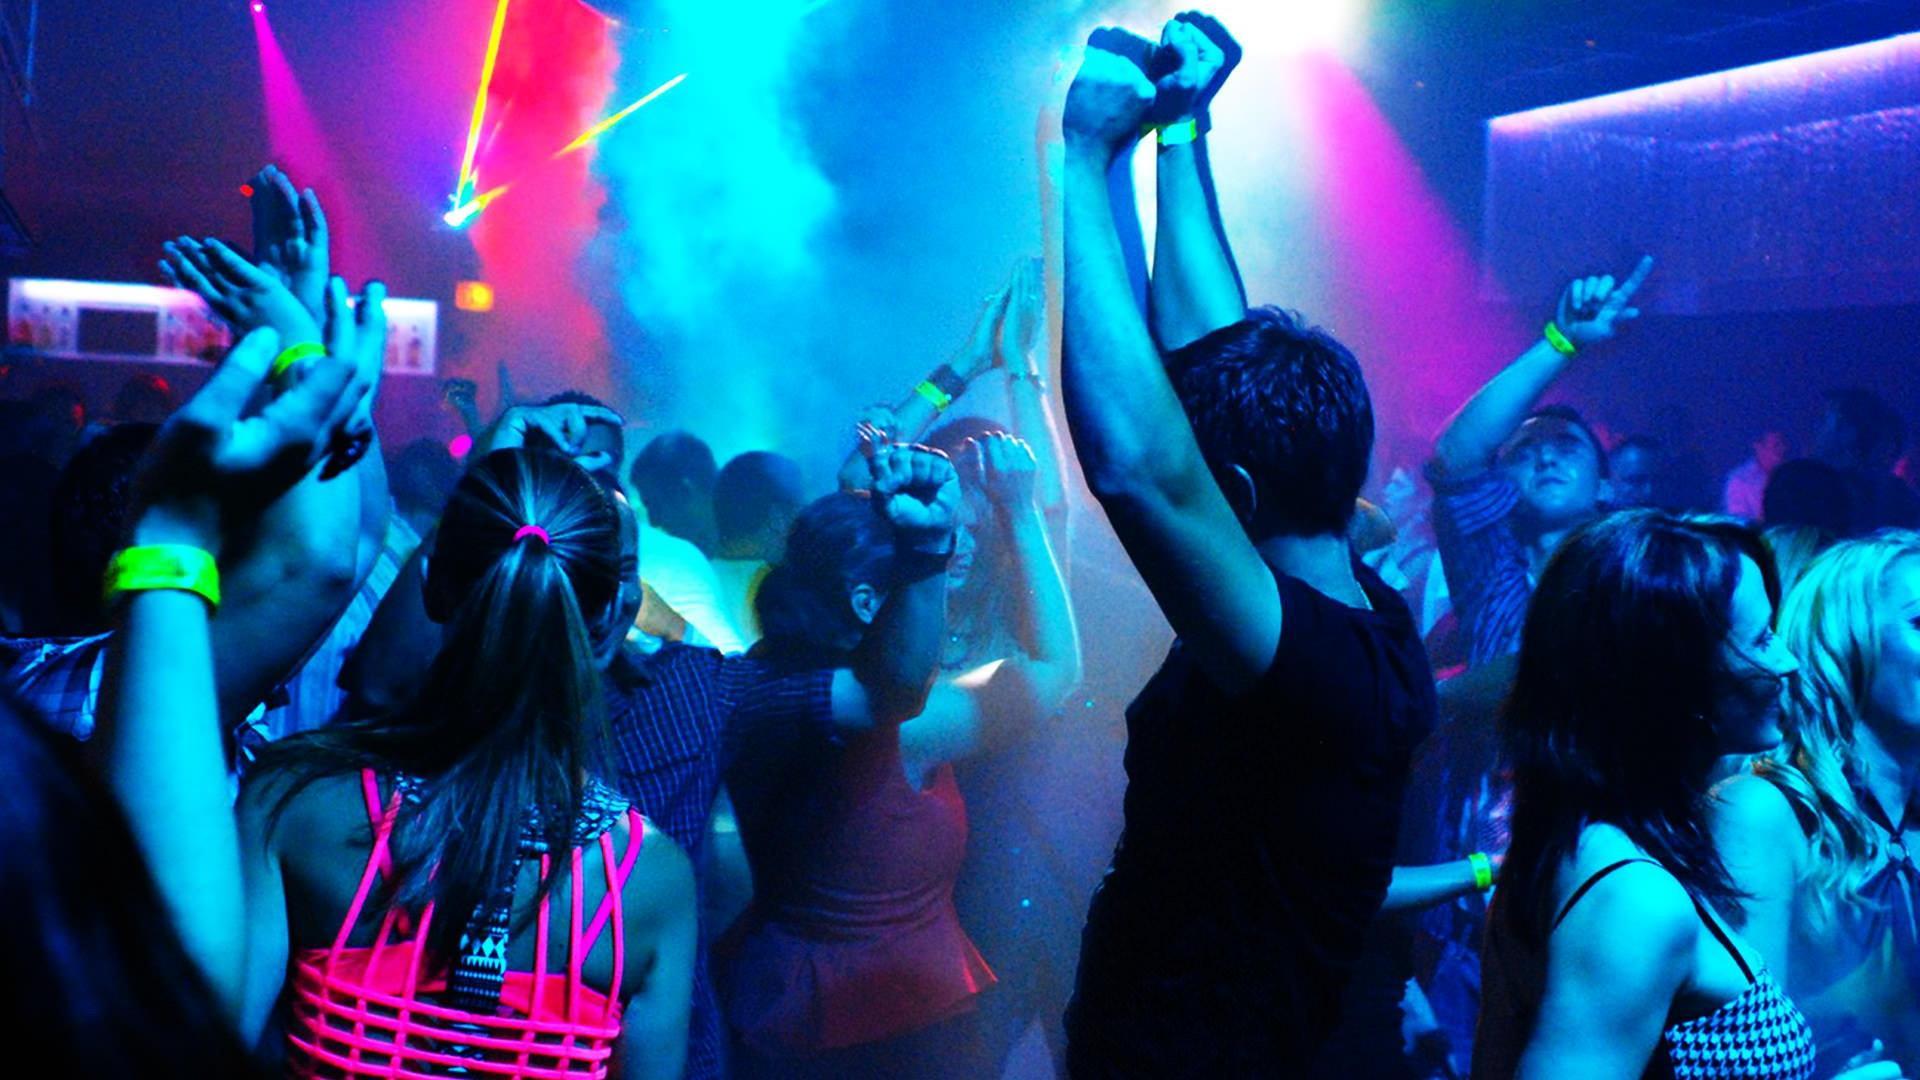 видео вечеринок в ночных клубах